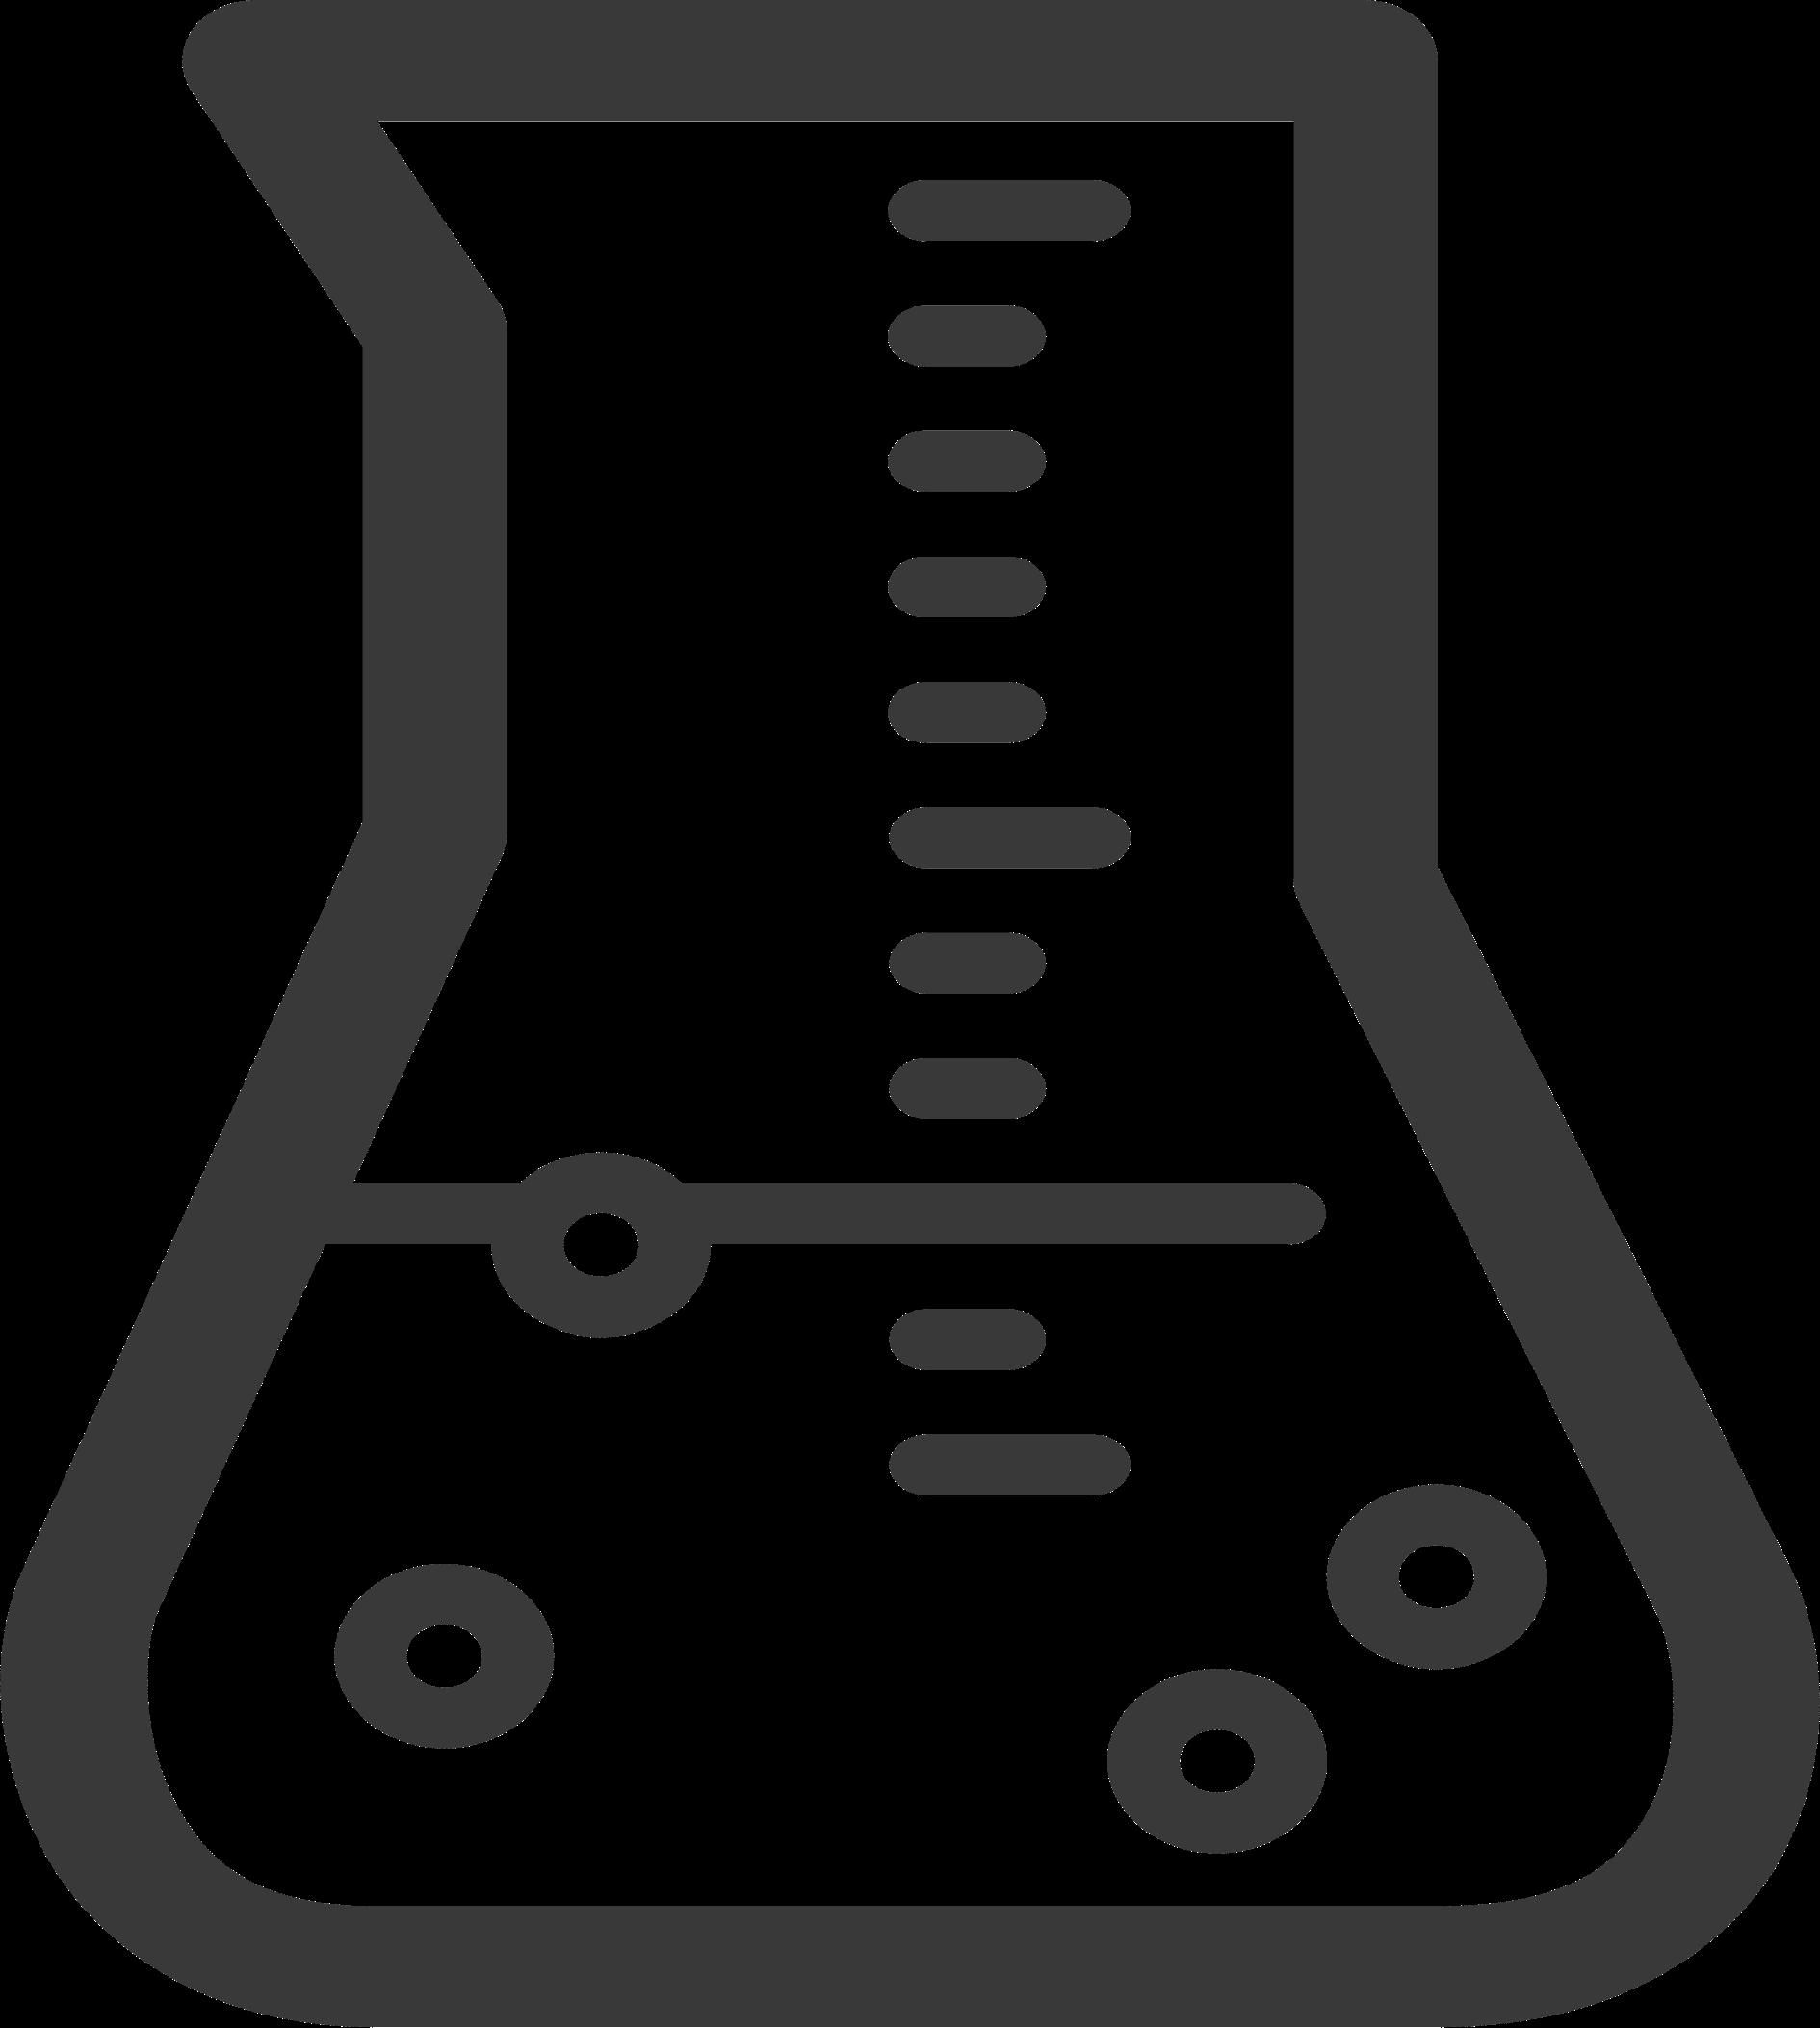 Chemistry vector image stock. Free beaker clipart